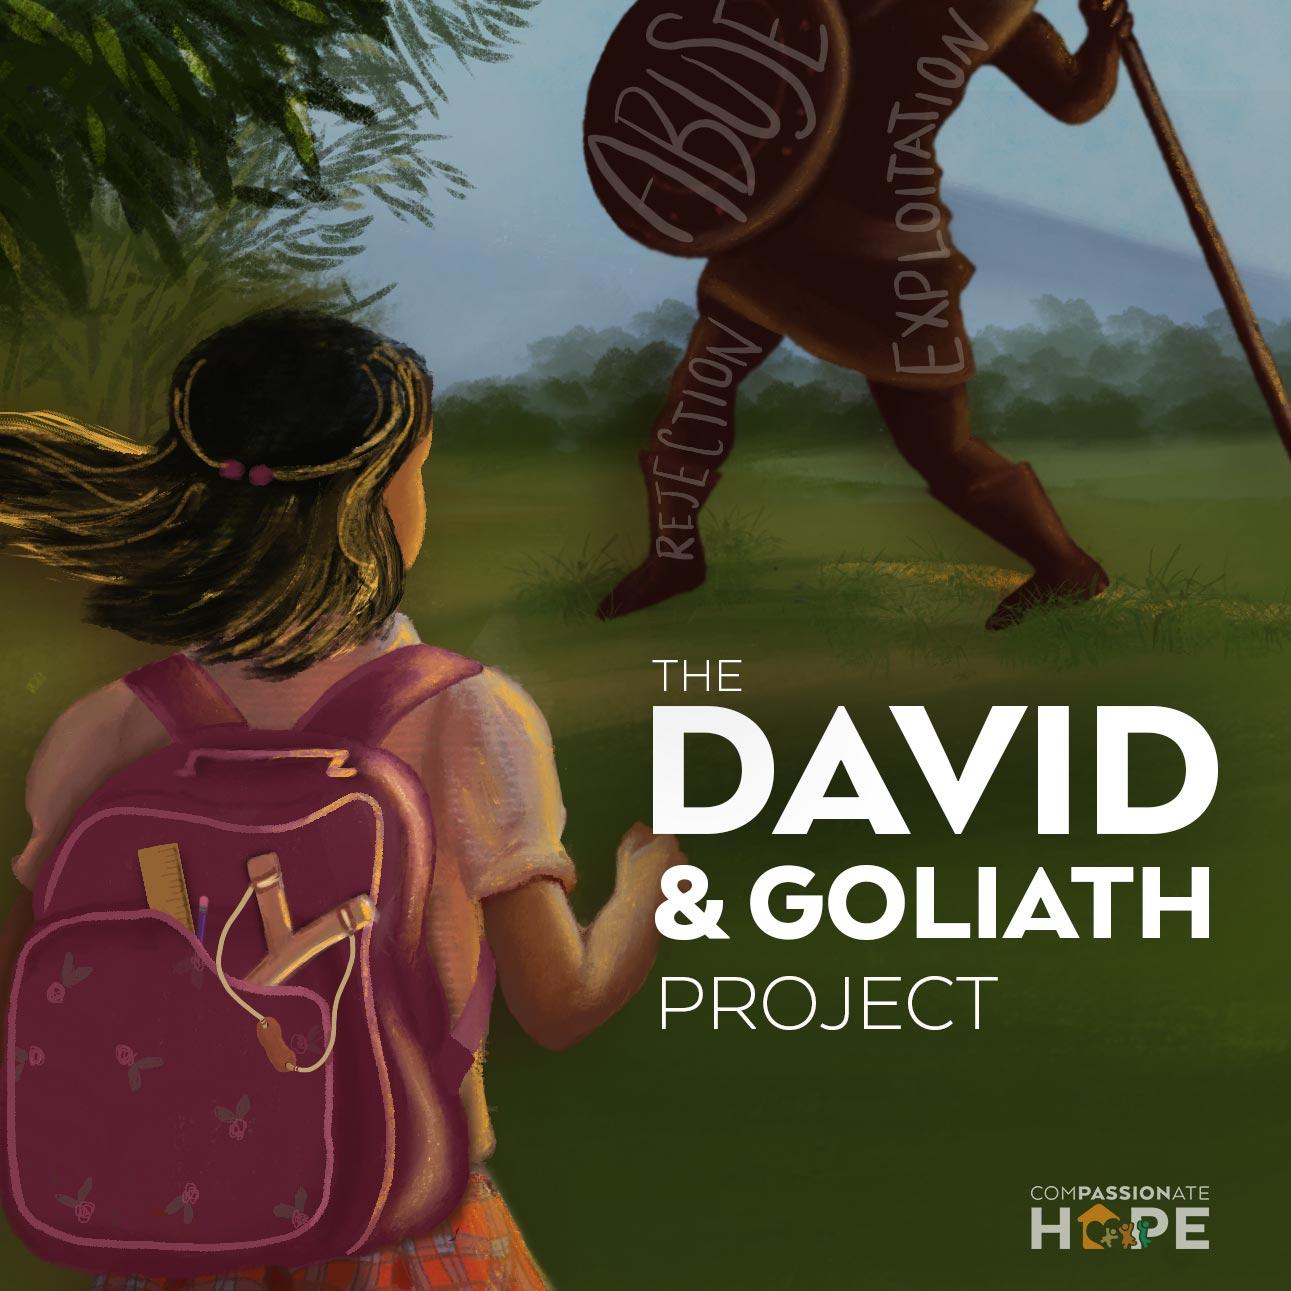 David & Goliath Project